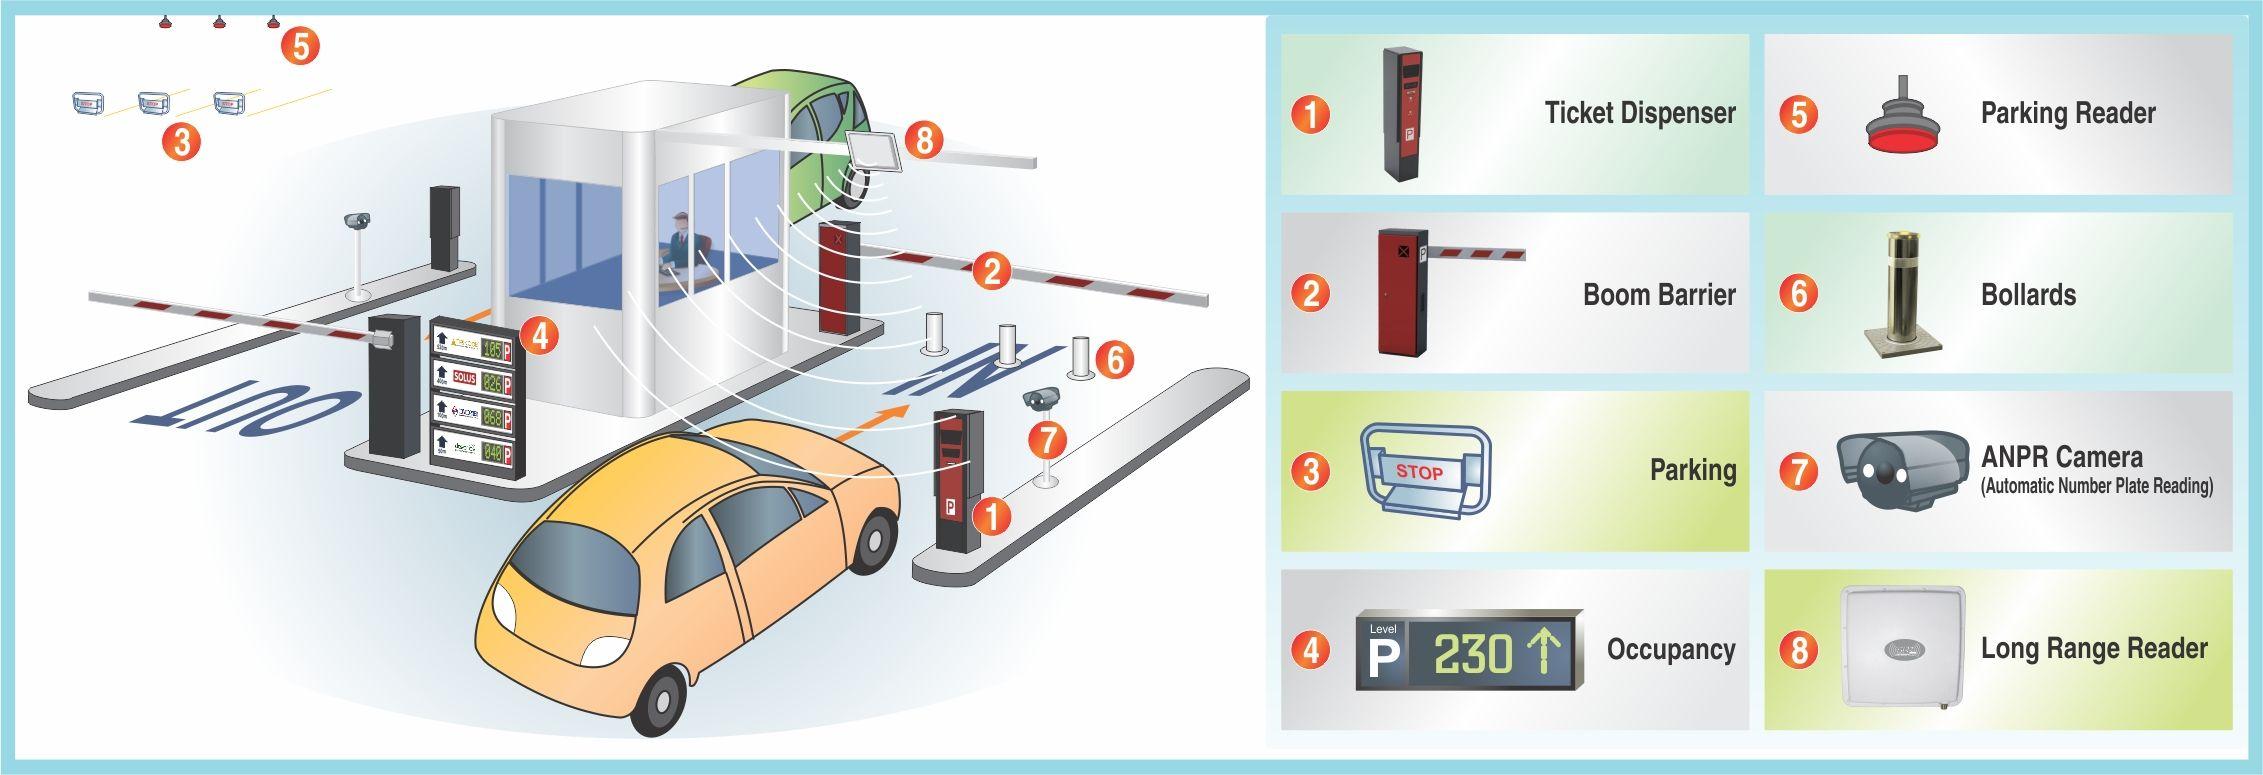 کنترل پارکینگ ها توسط تجهیزات مدار بسته!